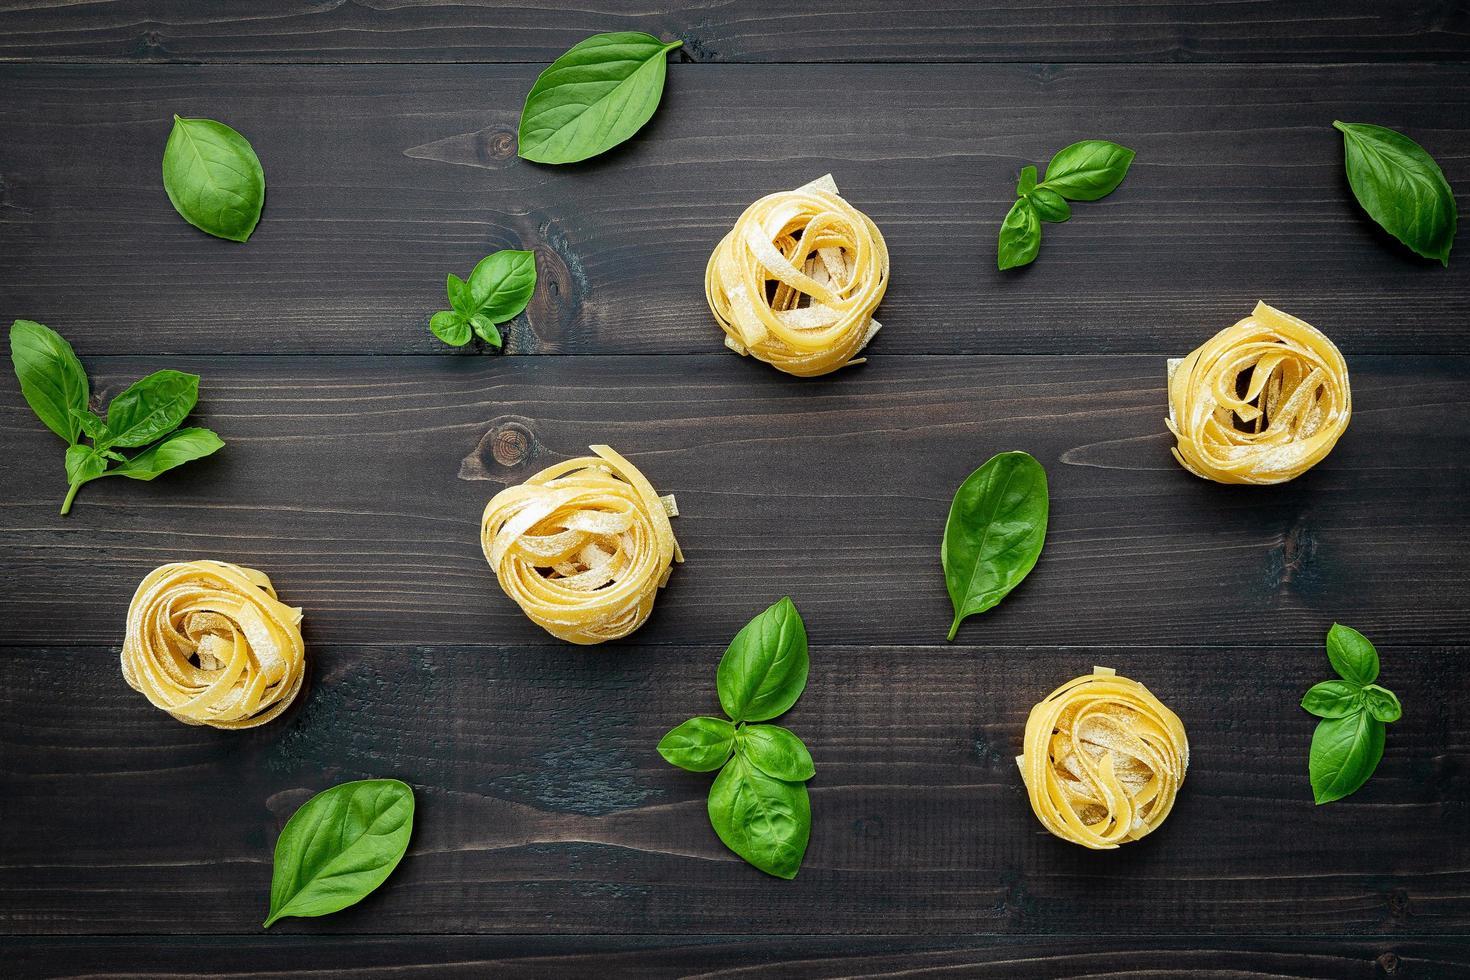 Pasta and basil pattern photo